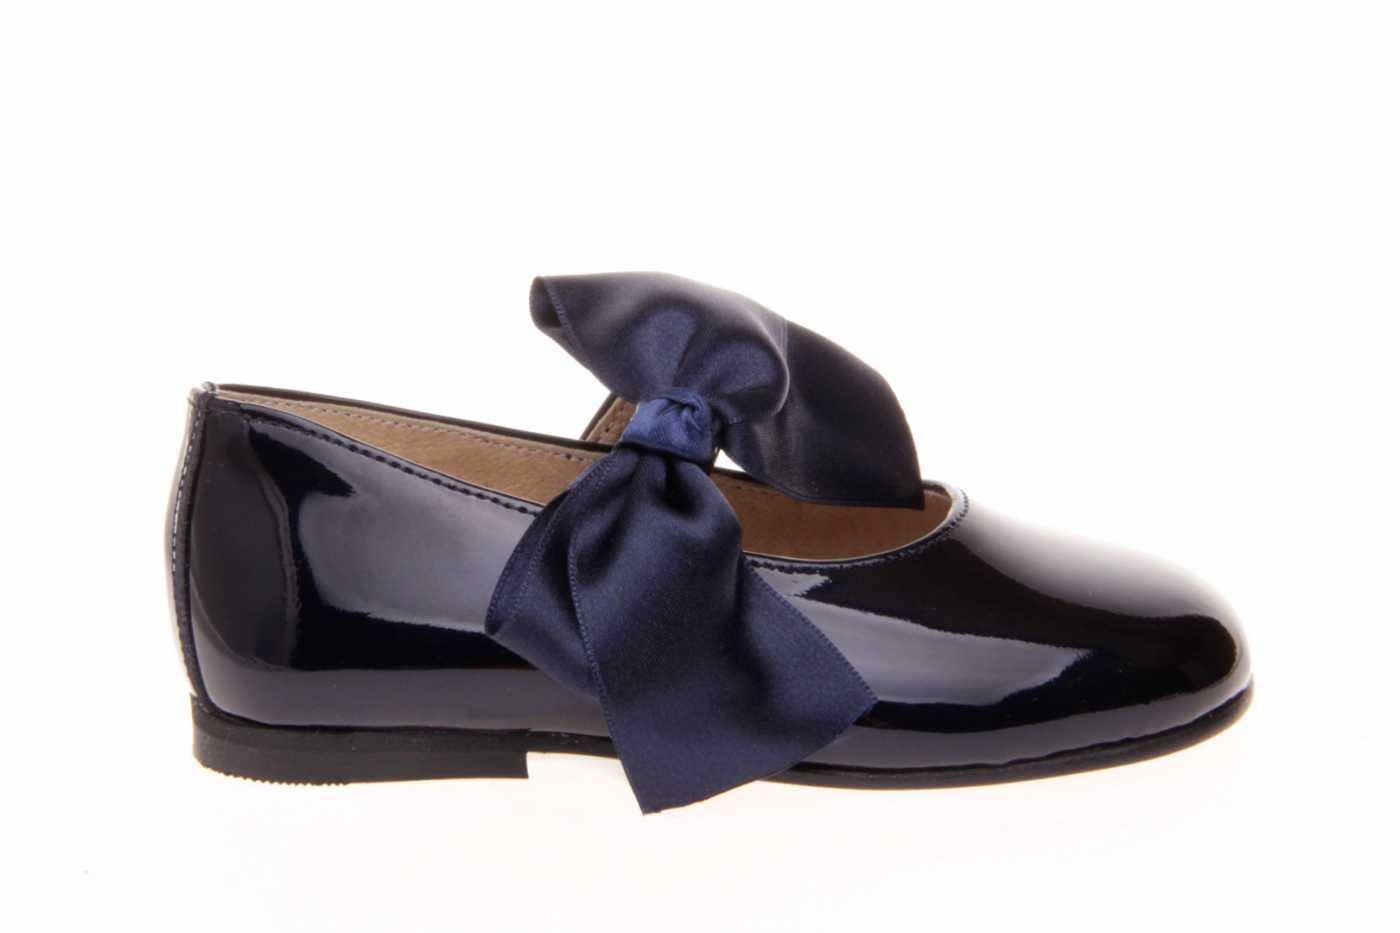 Comprar zapato tipo JOVEN NIÑA estilo MERCEDES COLOR AZUL CHAROL ... c2969851da6c